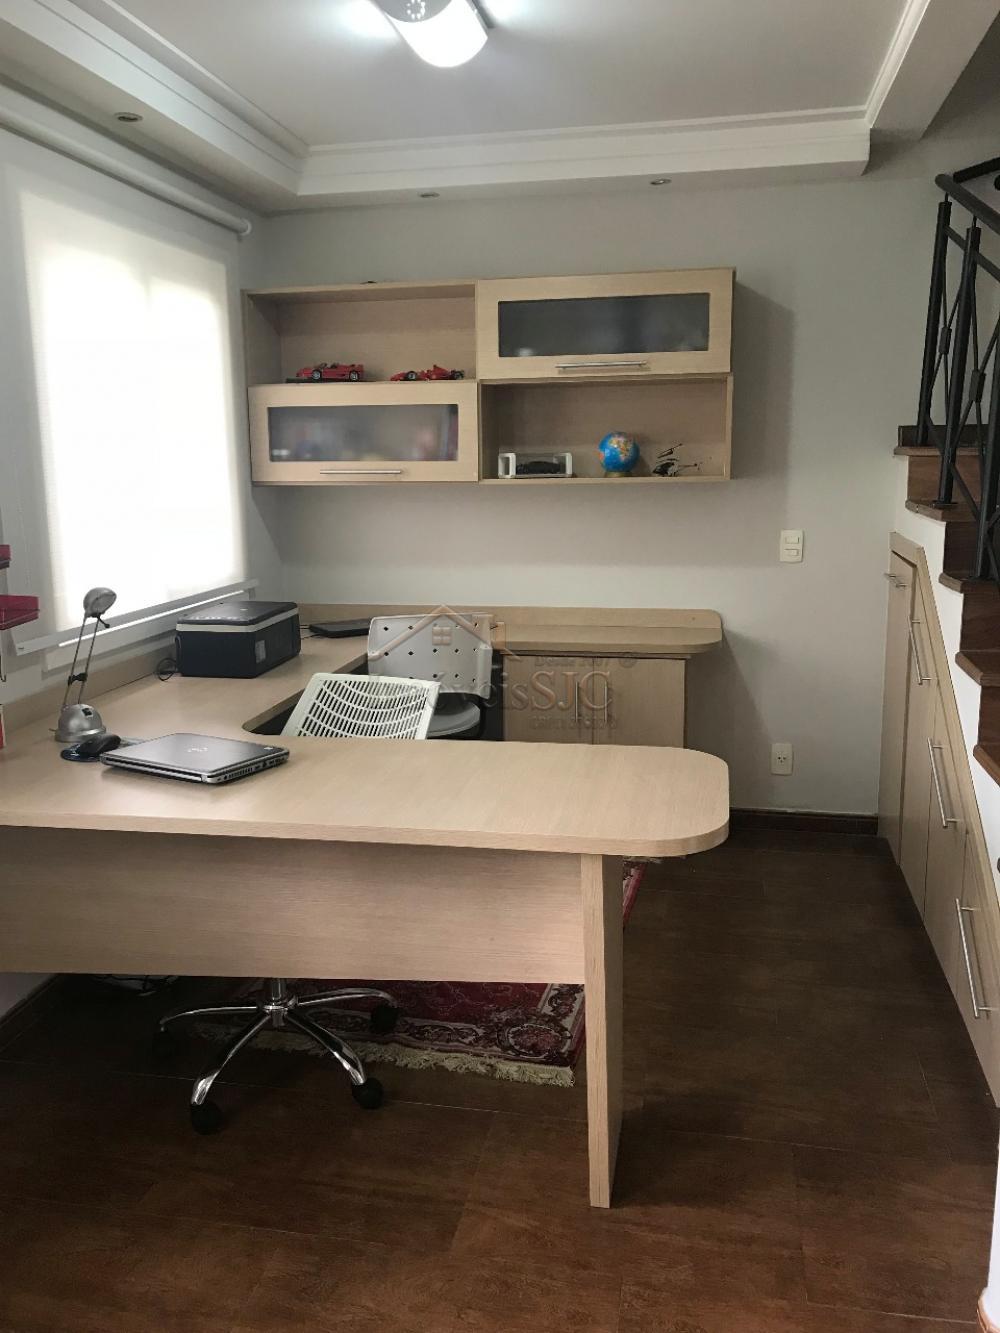 Comprar Casas / Condomínio em São José dos Campos apenas R$ 649.000,00 - Foto 3